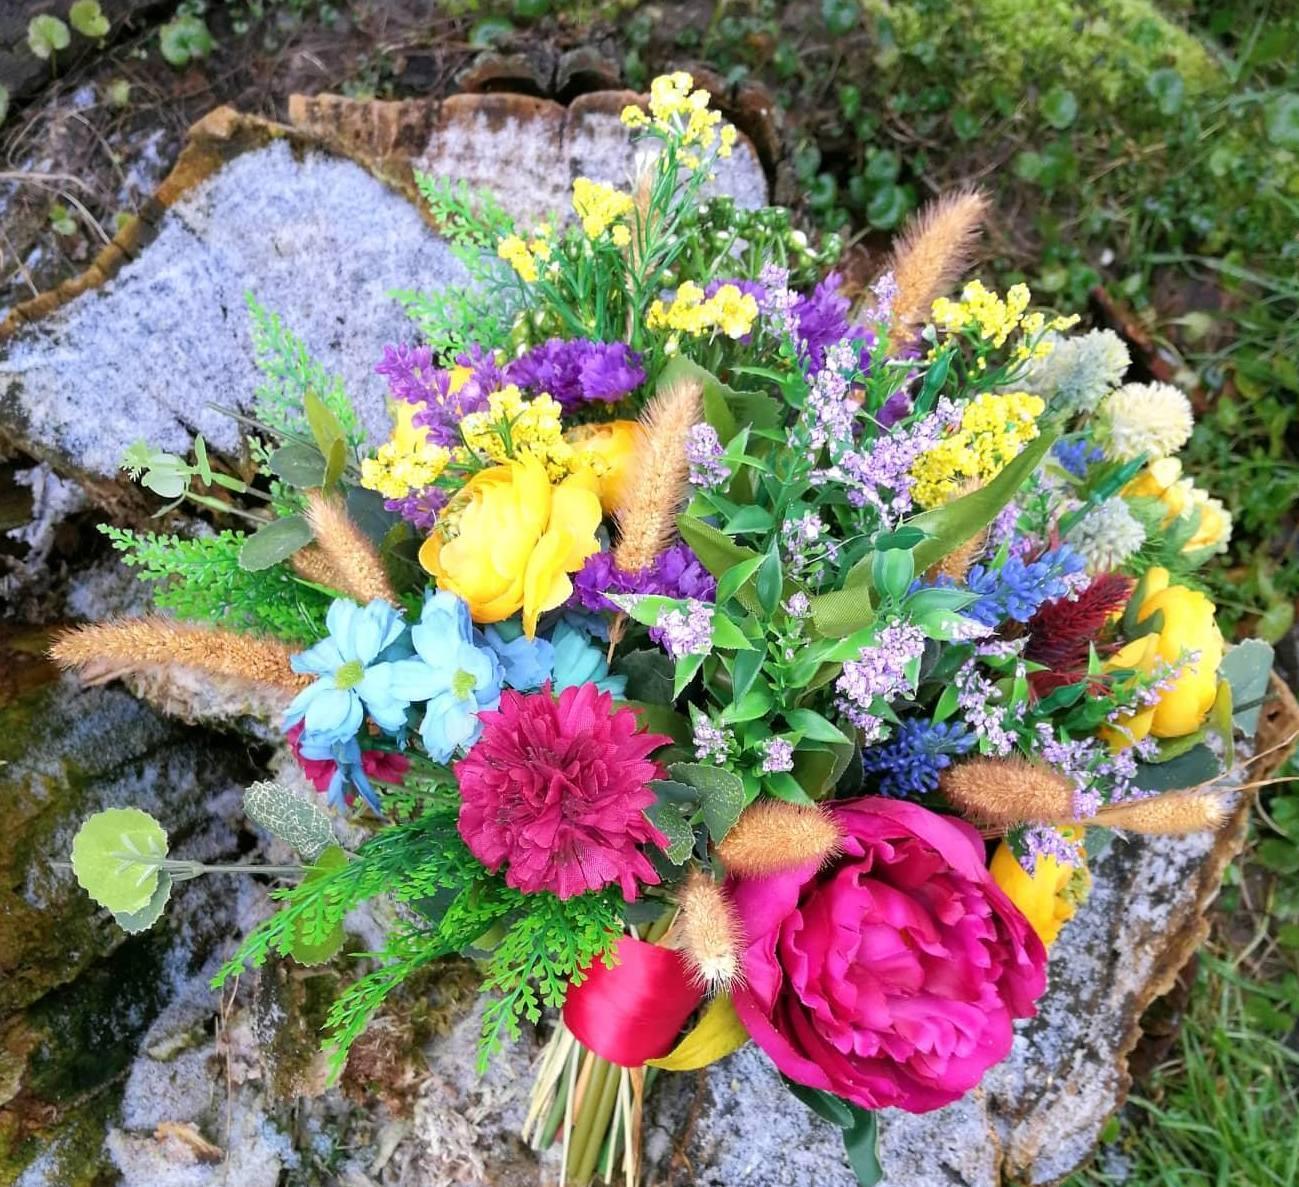 svadobna kytica,pierko,hrebienok - Obrázok č. 1